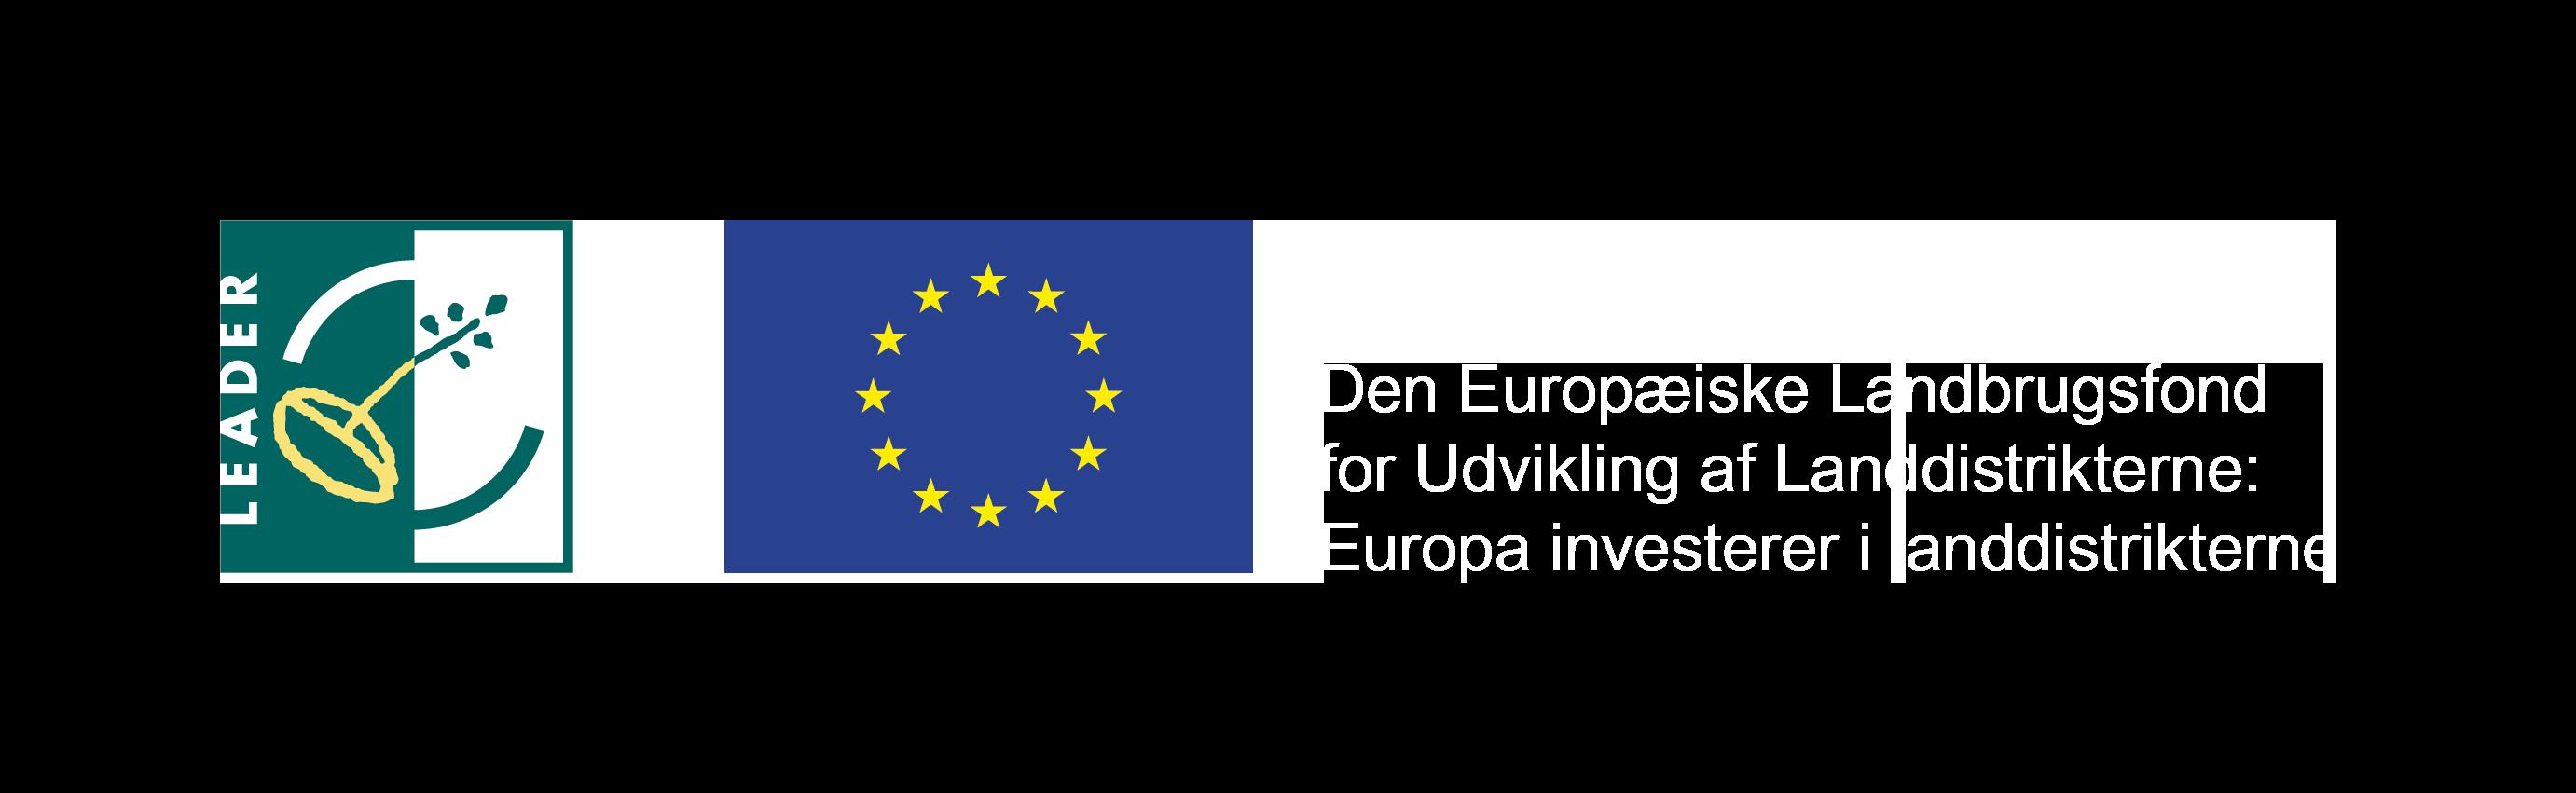 Den Europæiske landbrugsfond for udvikling af landdistrikterne.